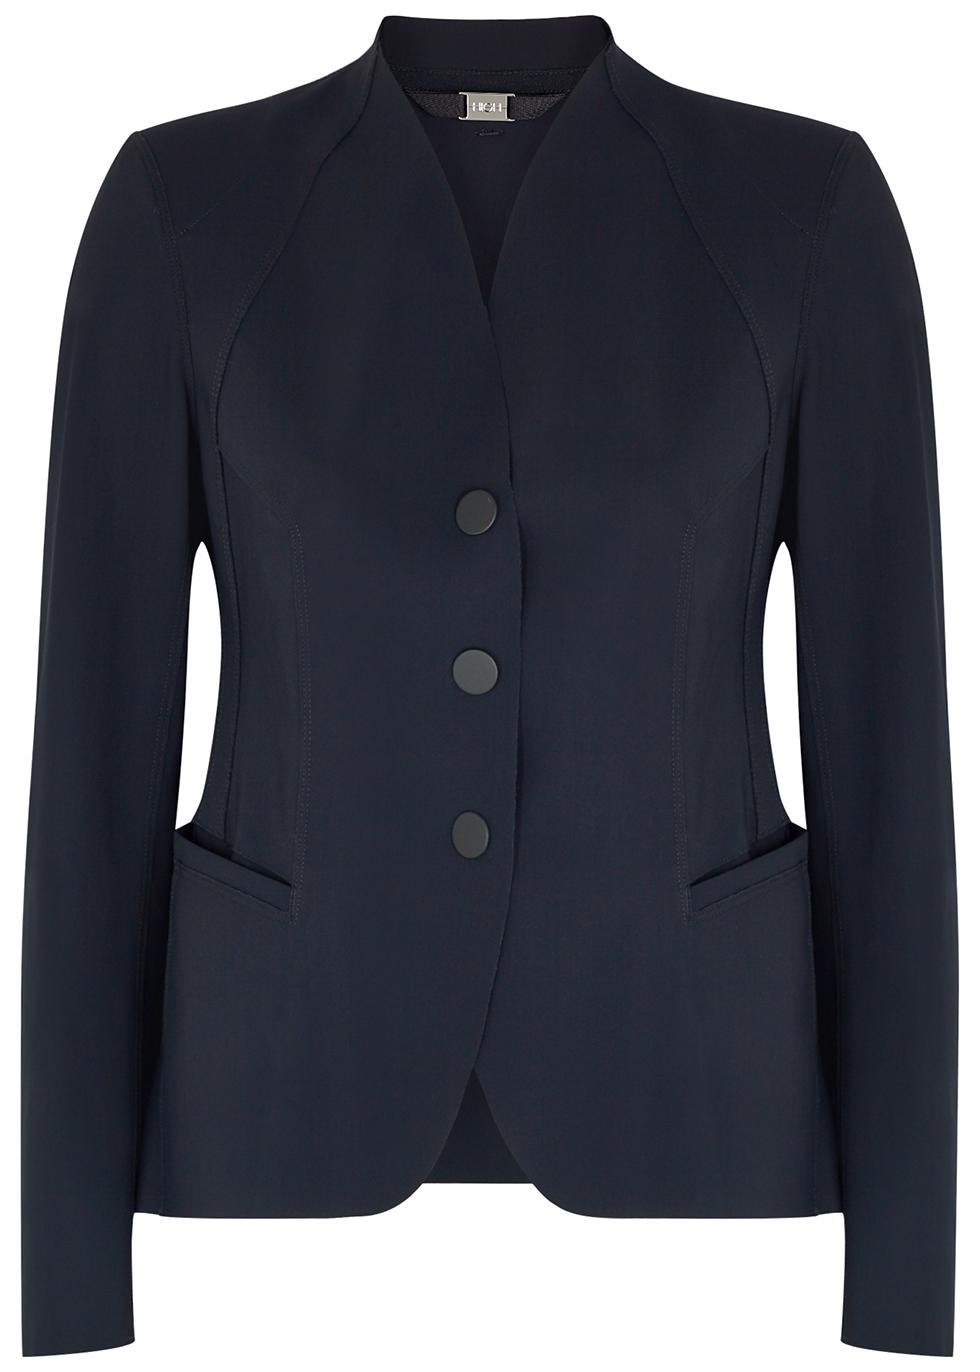 Charismatic navy stretch-nylon jacket